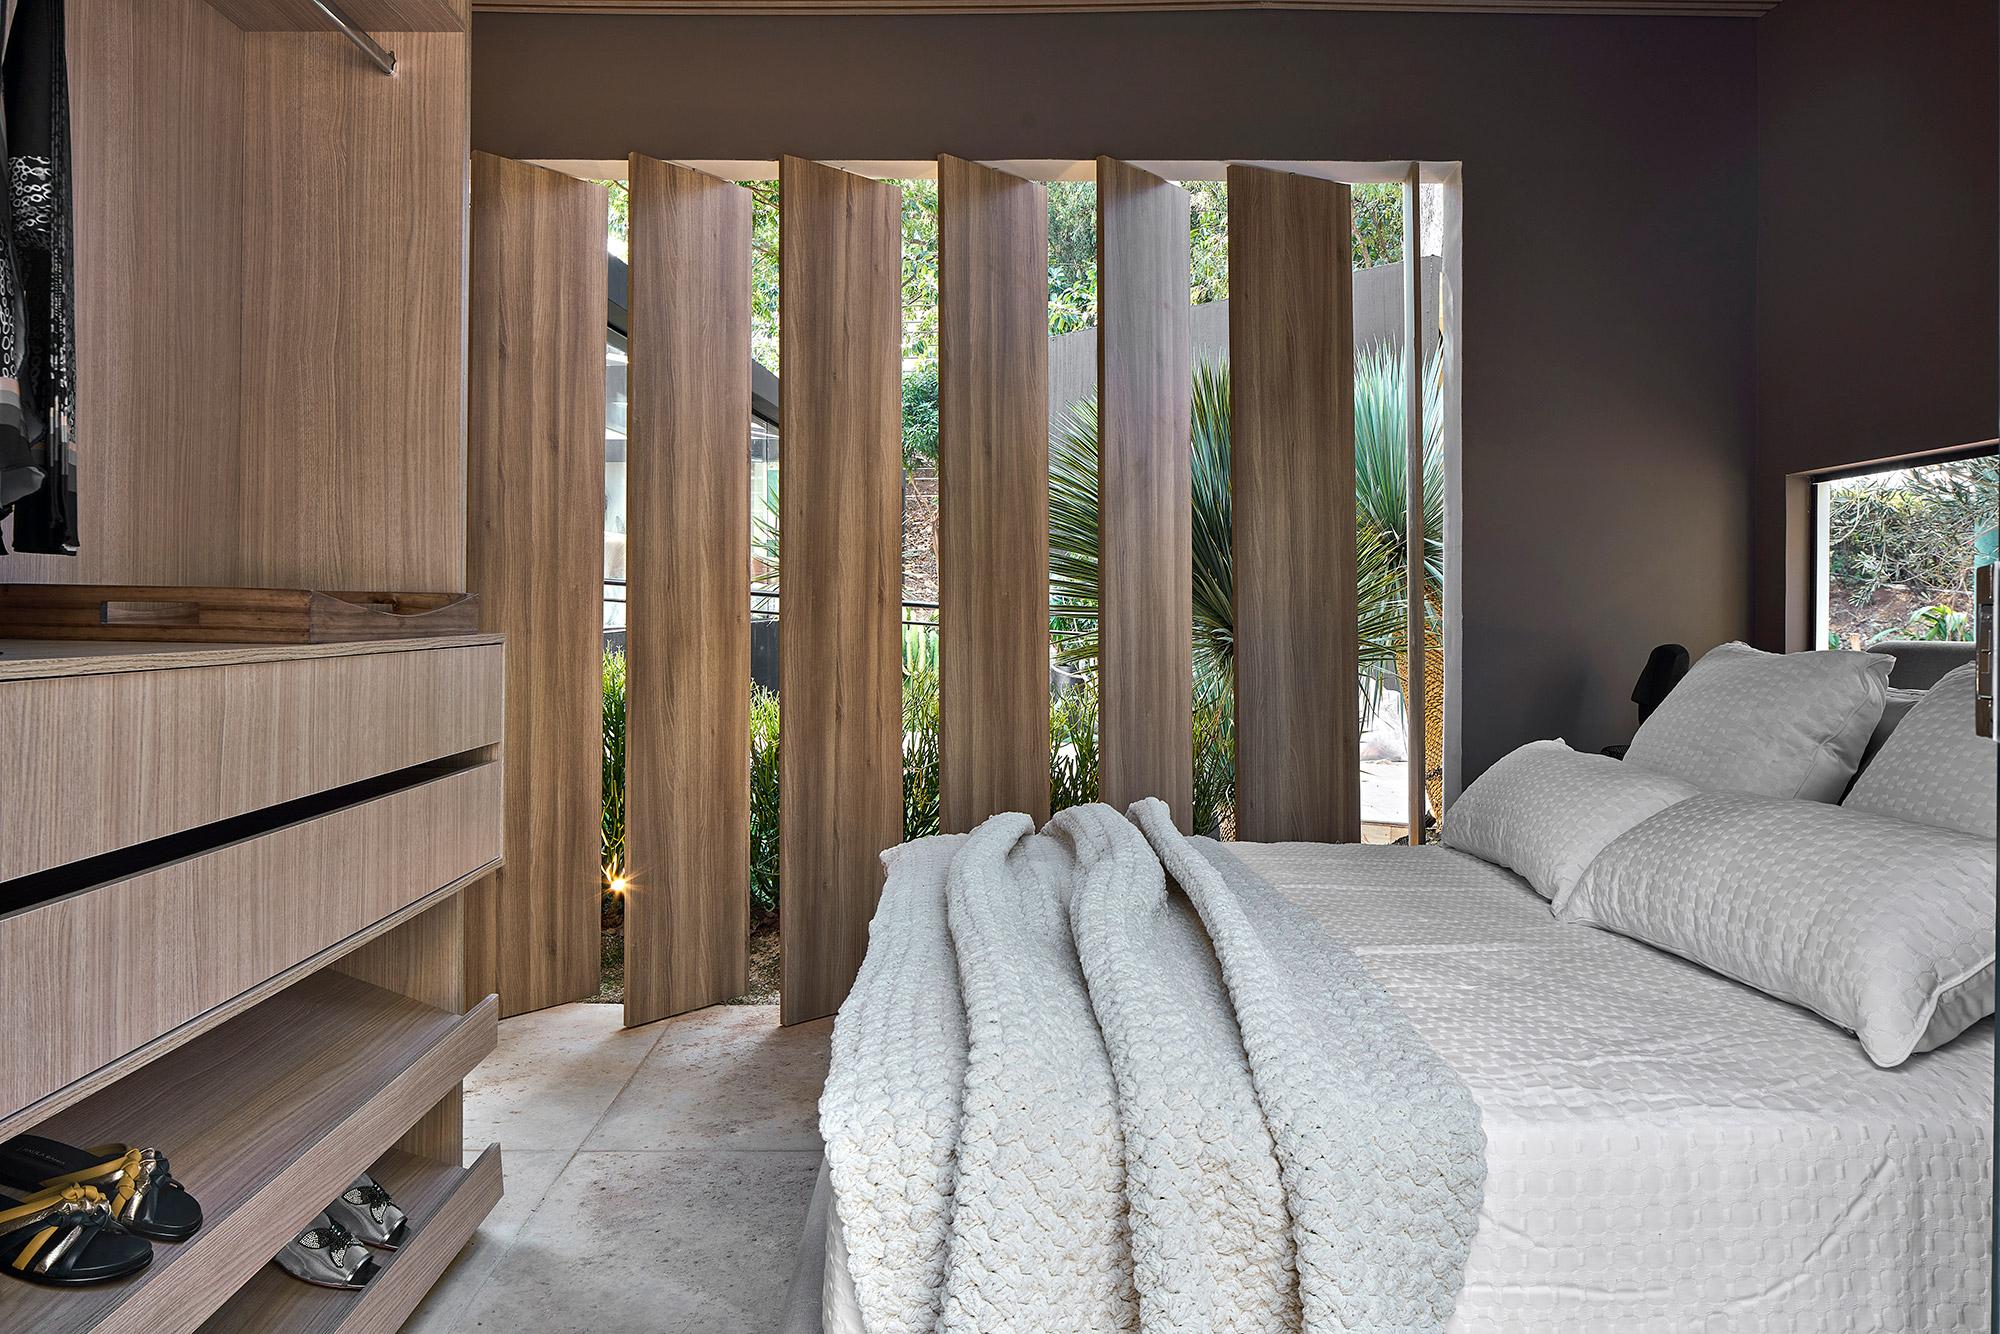 Loft Sense Andrea Medeiros Cristina Capanema CASACOR Minas Gerais 2021 sala estar tons neutros decoração design